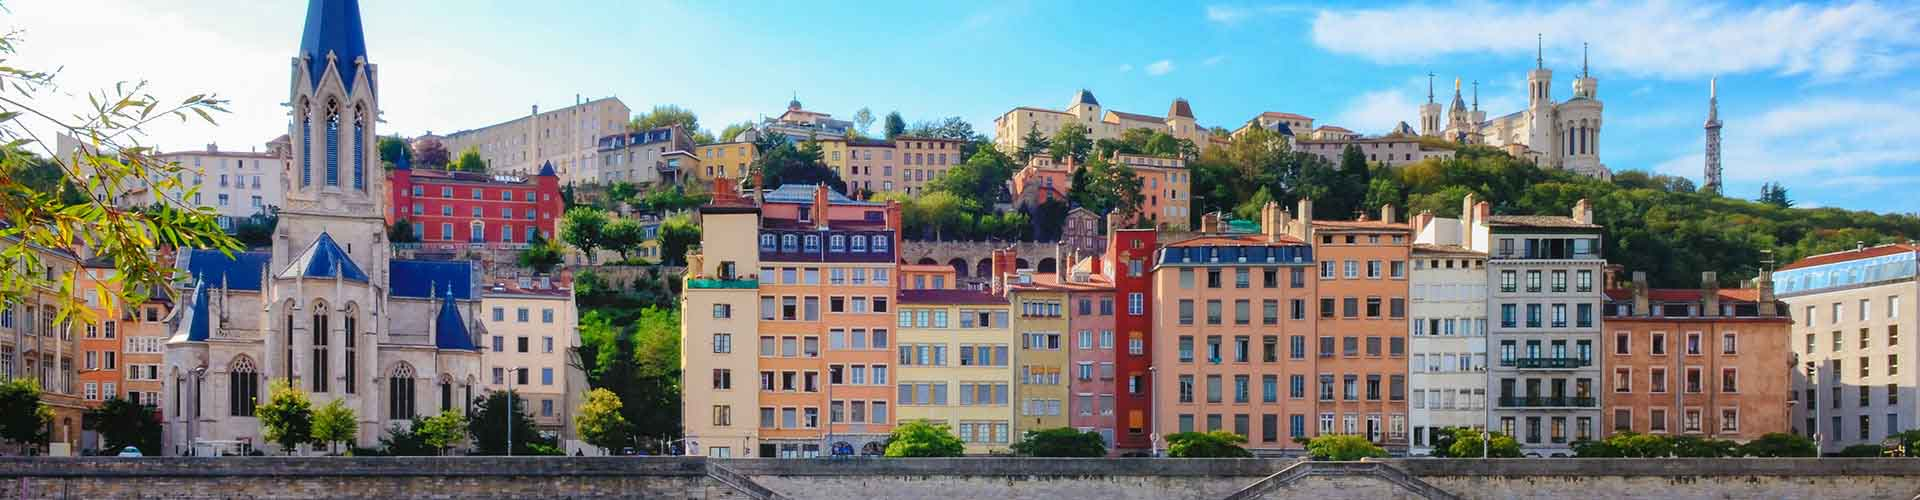 Lyon - Hoteles baratos en el distrito 8e. Mapas de Lyon, Fotos y comentarios de cada Hotel barato en Lyon.